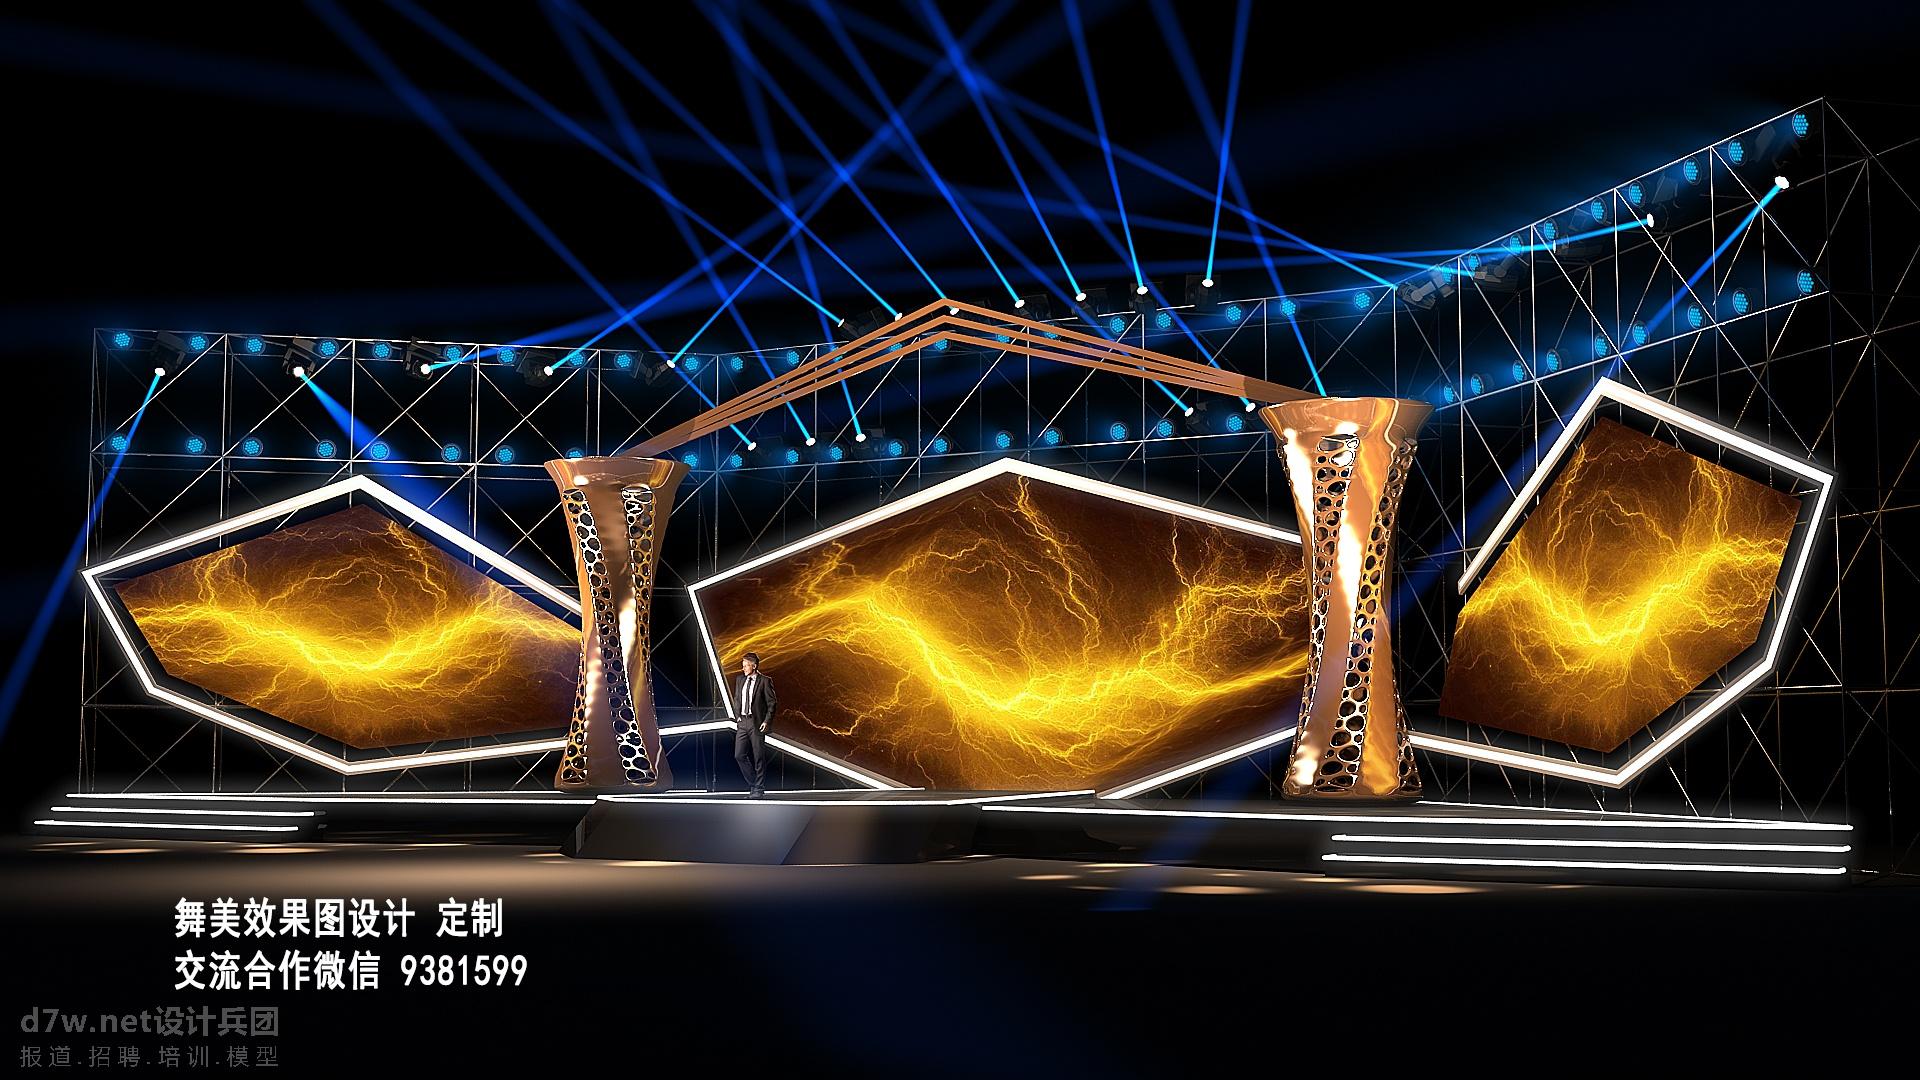 2020颁奖晚会 颁奖晚会舞美 颁奖晚会舞台 舞美效果图 舞台效果图 舞美设计图 舞台设计图 2020年会 年会舞美 ...